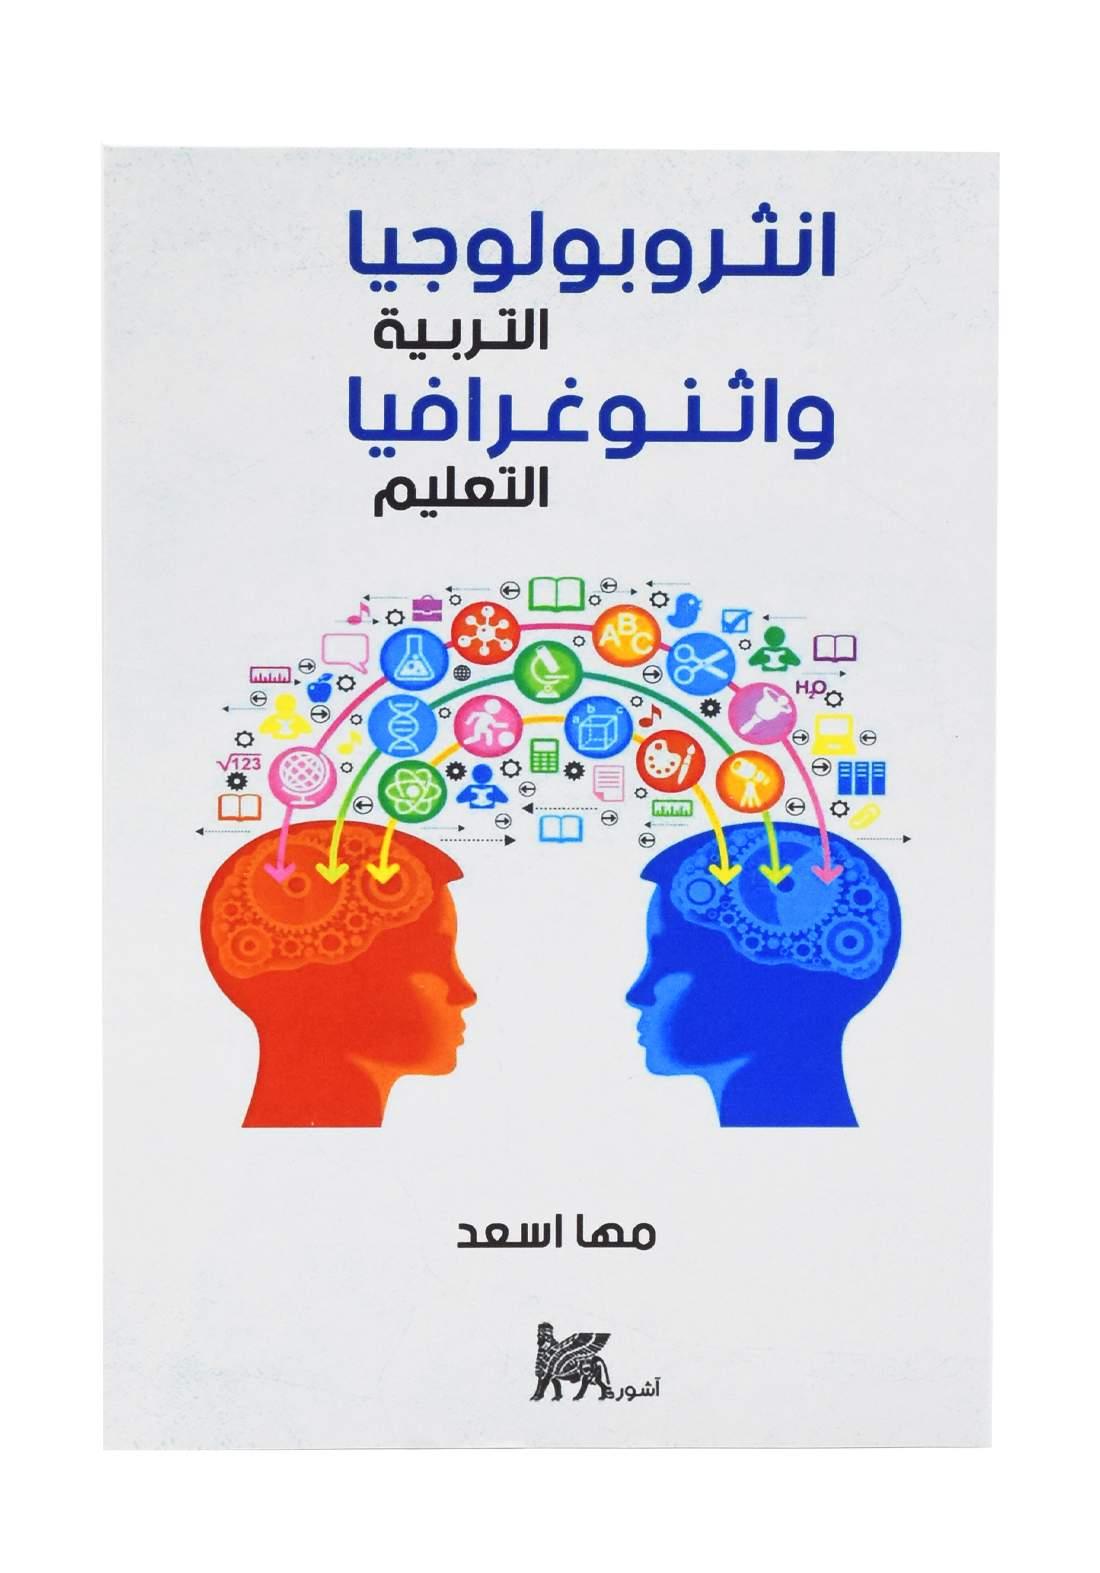 انثروبولوجيا التربية واثنوغرافيا التعليم